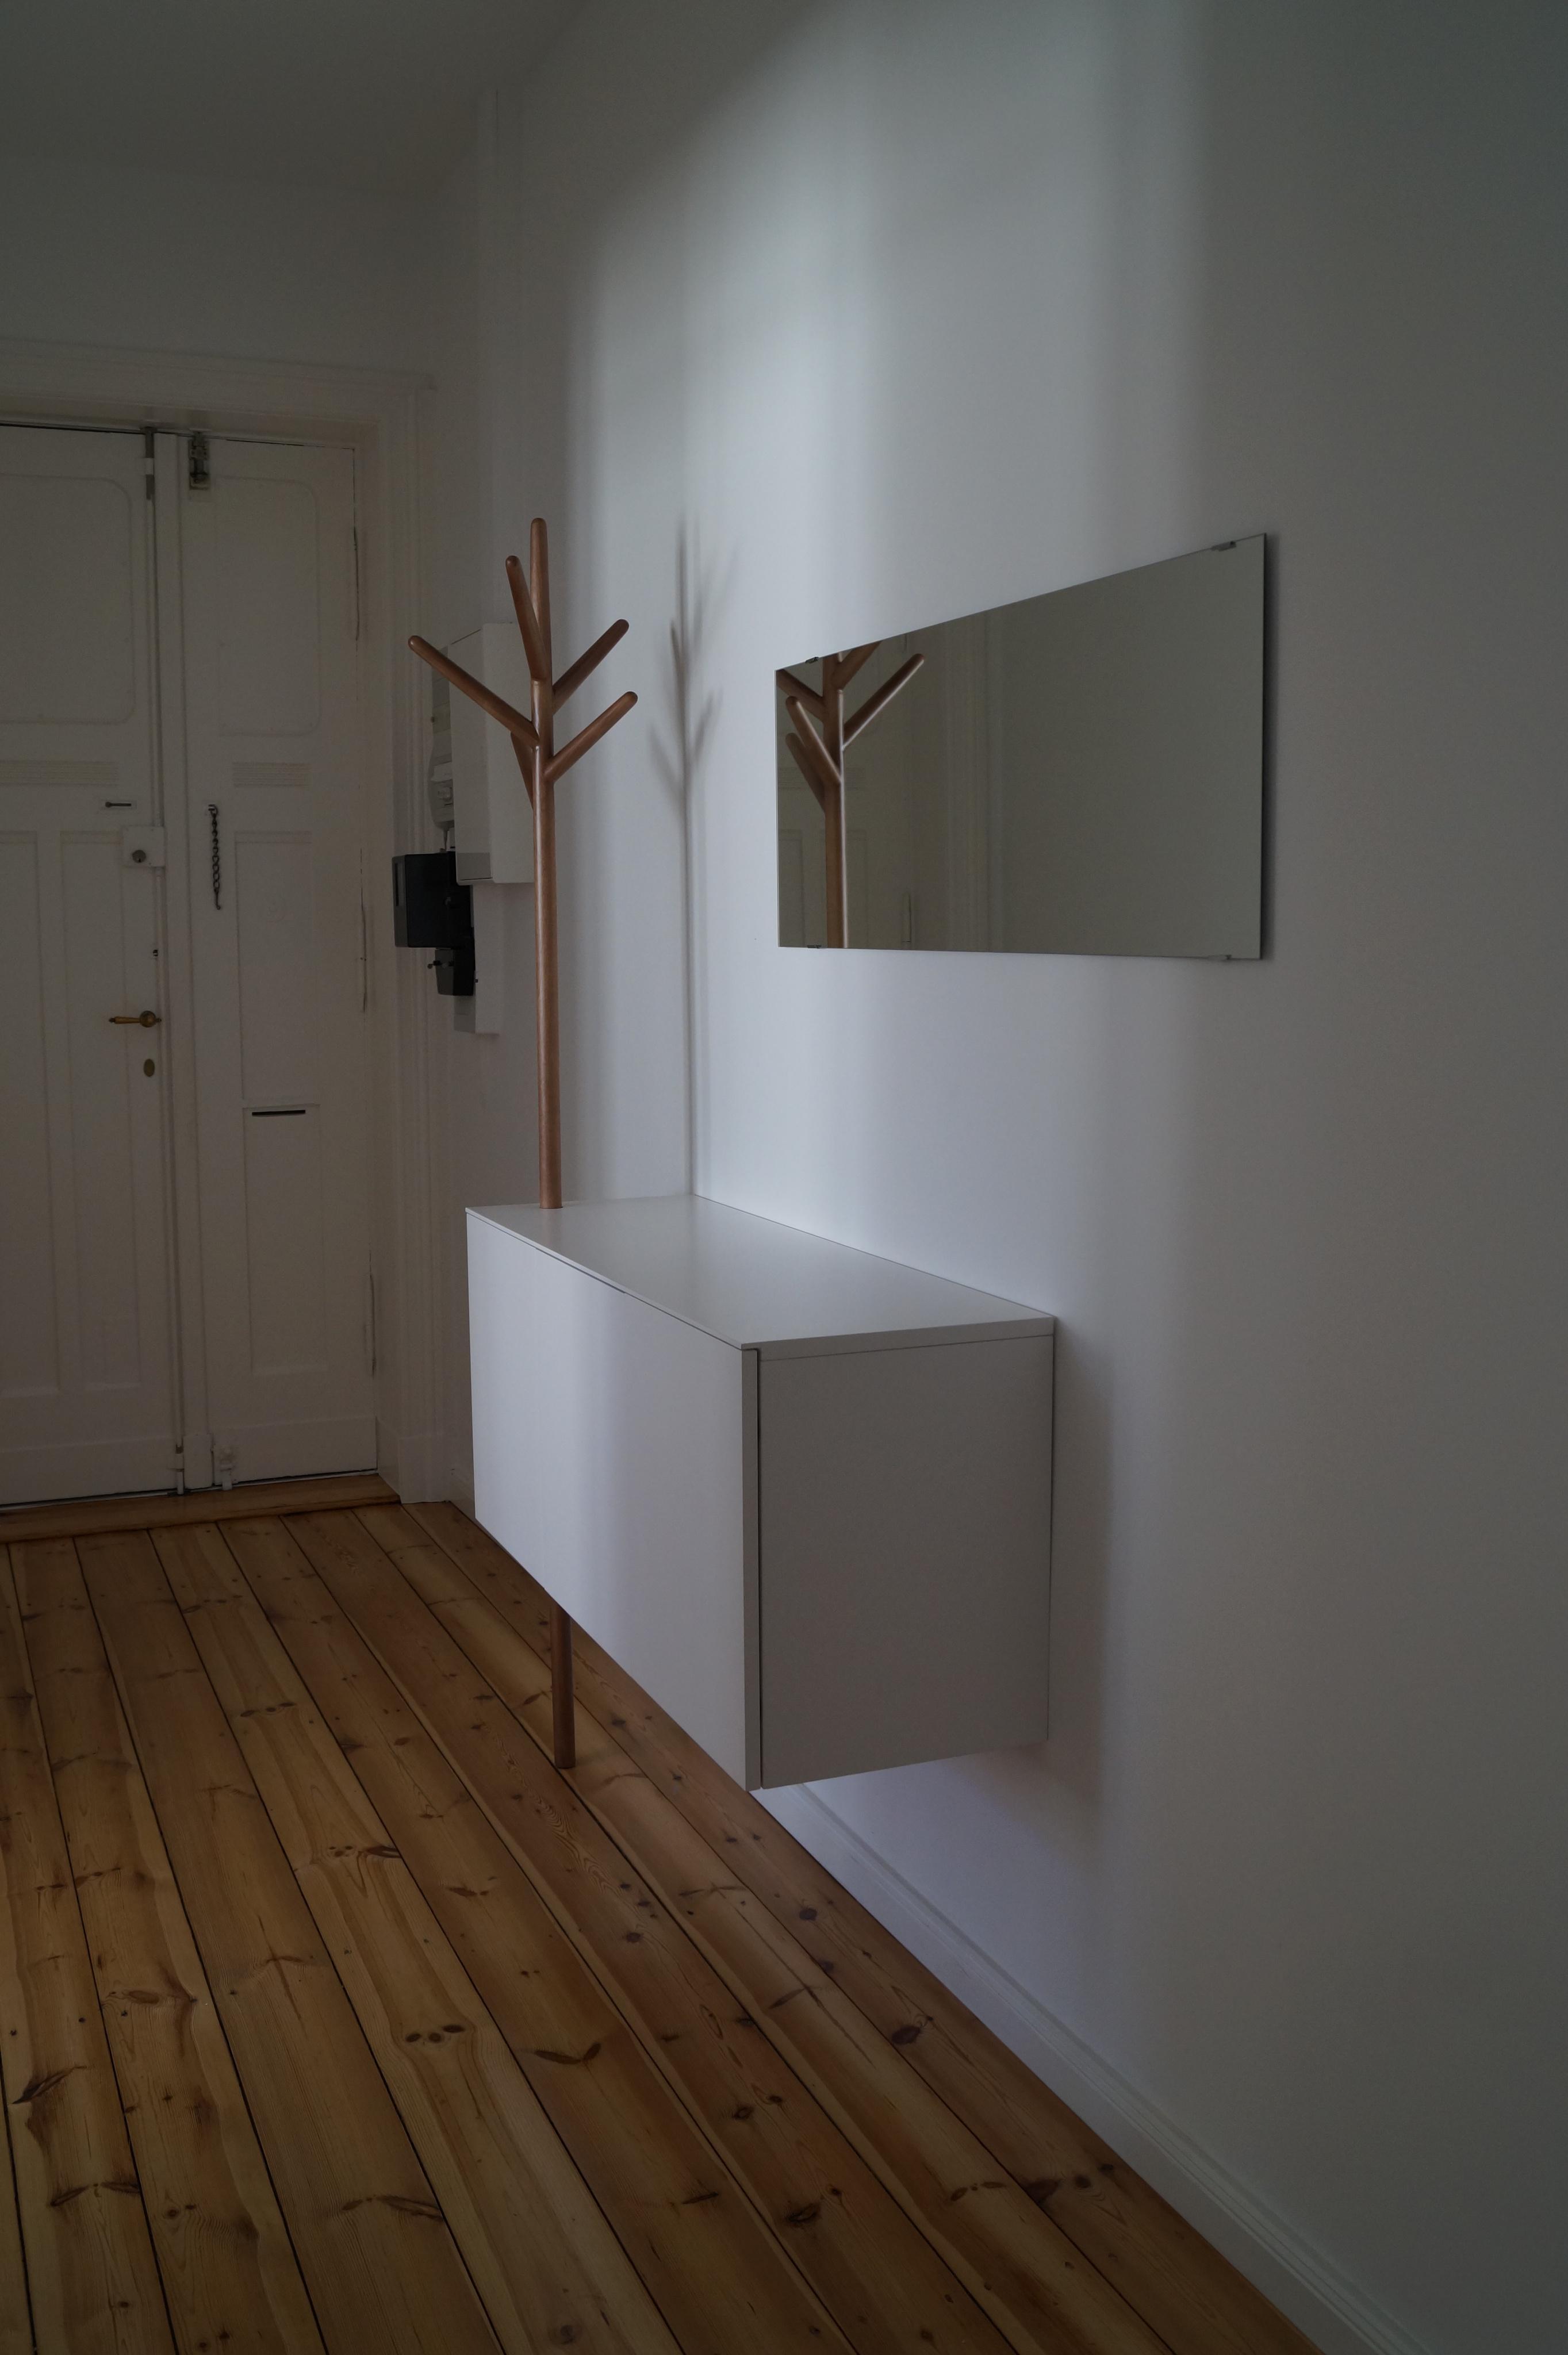 gemutliches zuhause dielenboden - home design ideas - harmonyfarms.us - Gemutliches Zuhause Dielenboden